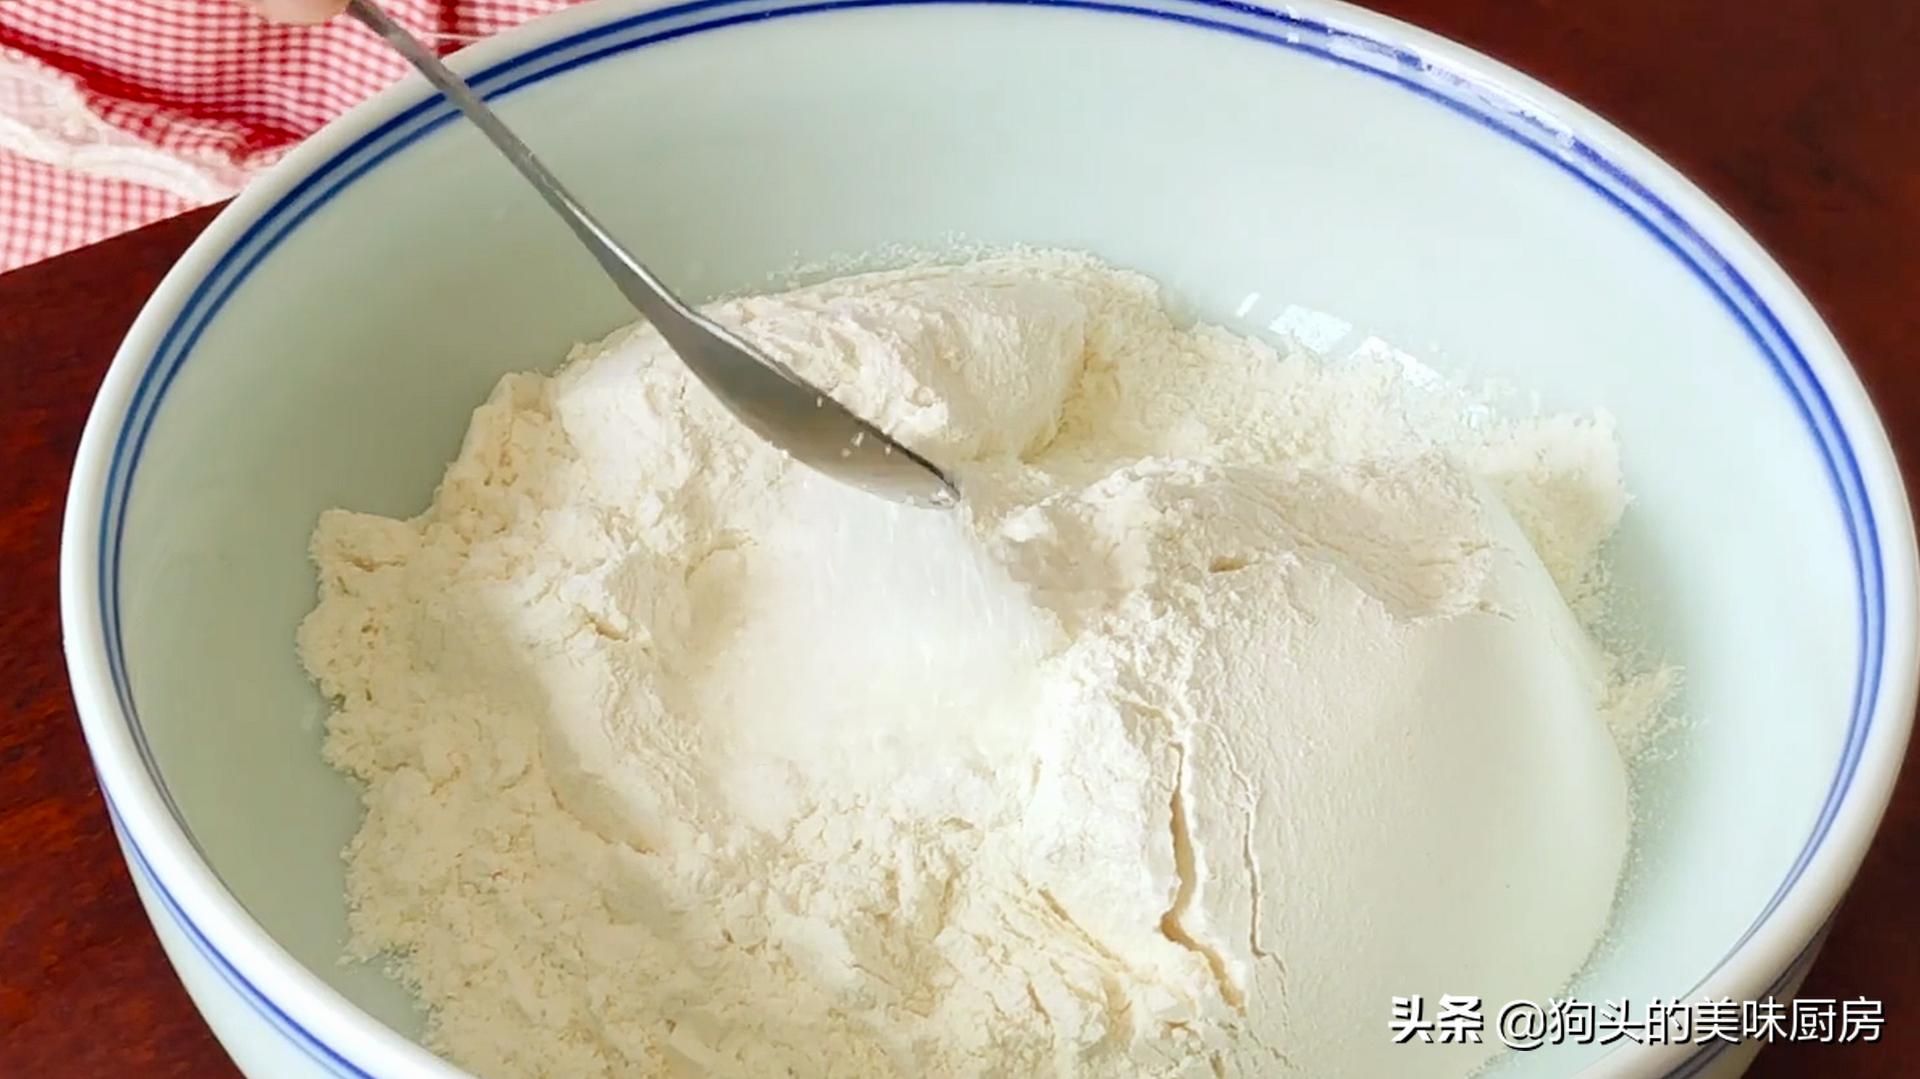 面粉不要做包子馒头了,教你新做法,不蒸也不烤,上桌就扫光 美食做法 第4张